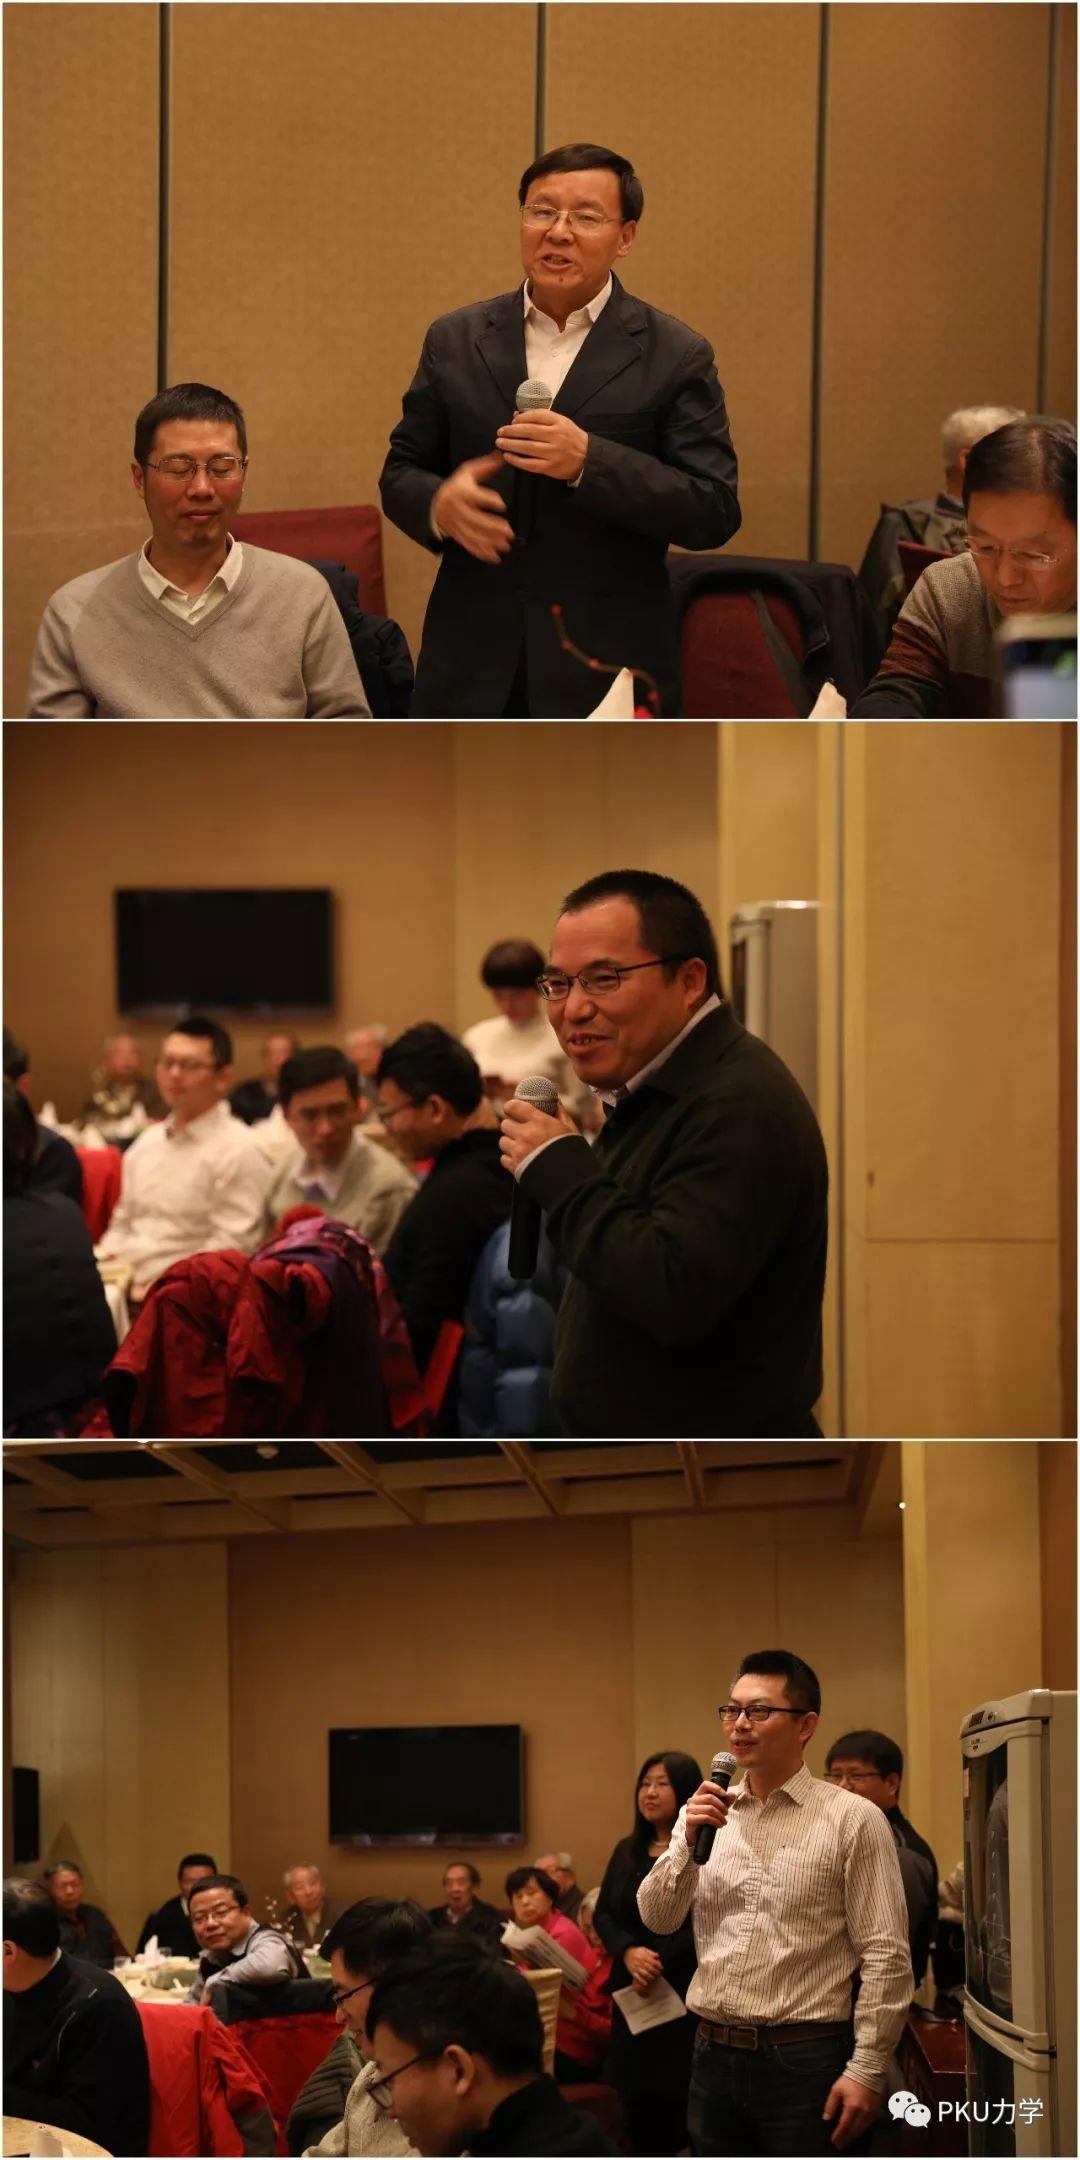 """不忘初心,聚""""力""""前行 — """"北京大学力学专业建立65周年""""座谈会成功举办"""